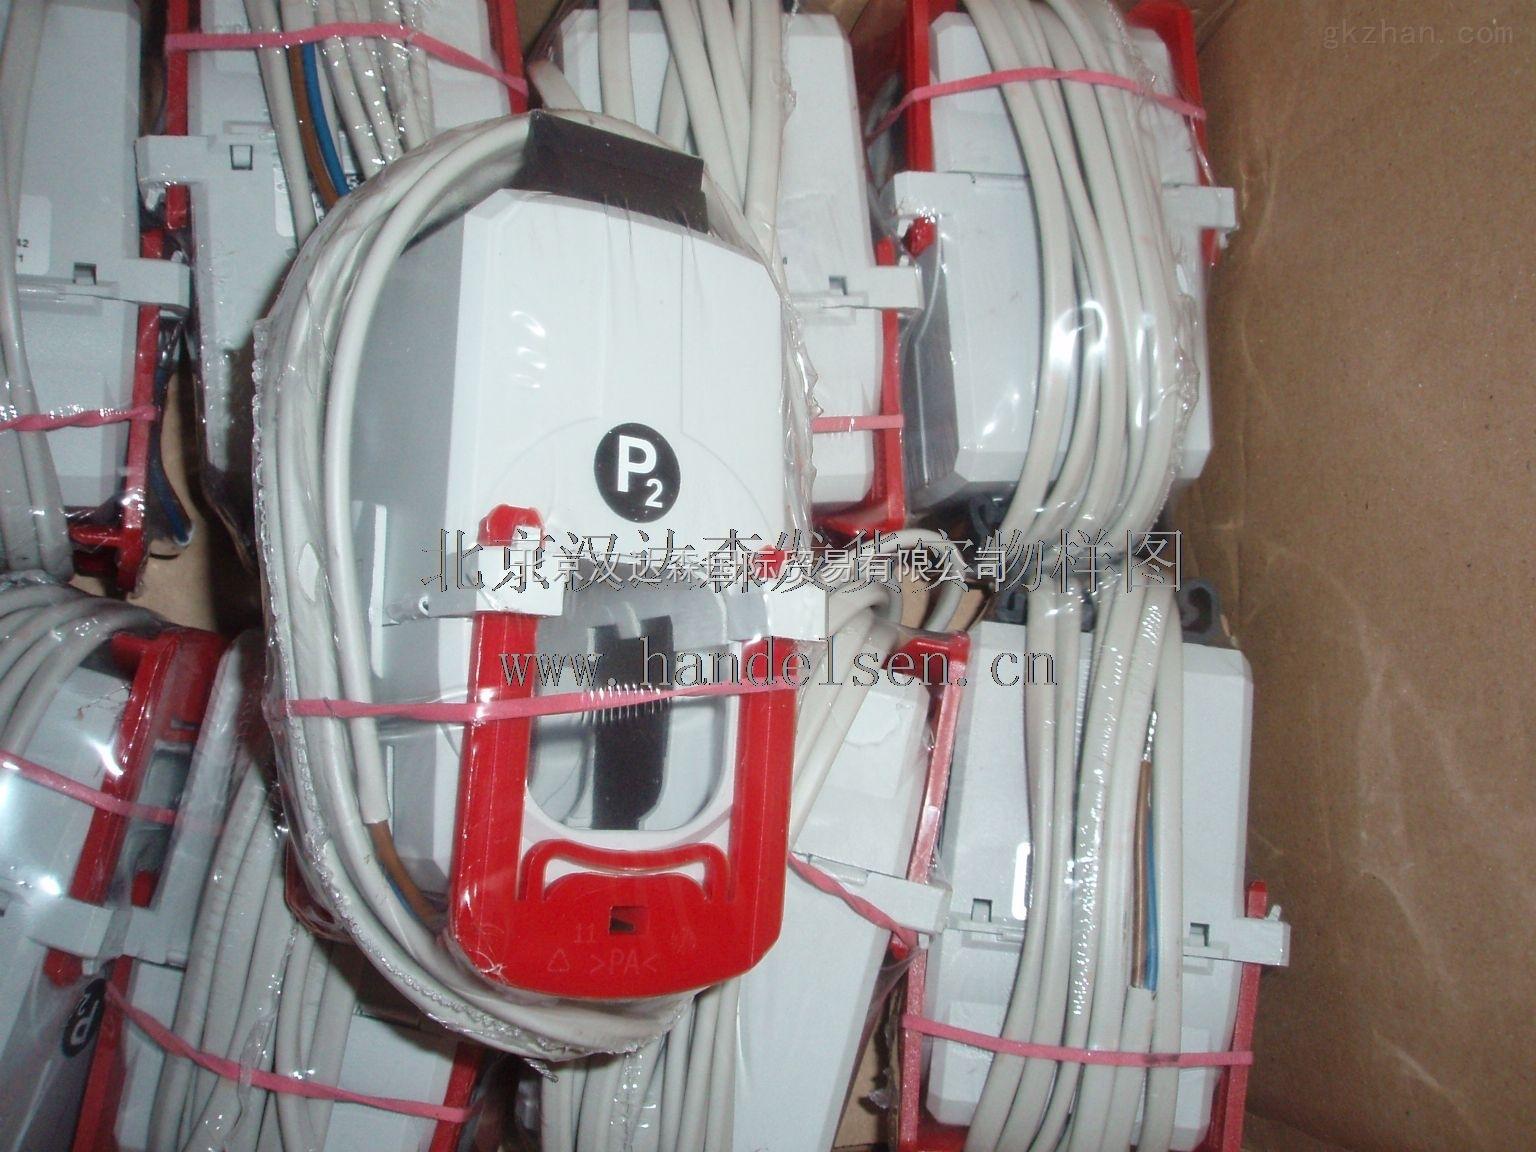 北京汉达森专业供应MBS电流互感器压力变送器